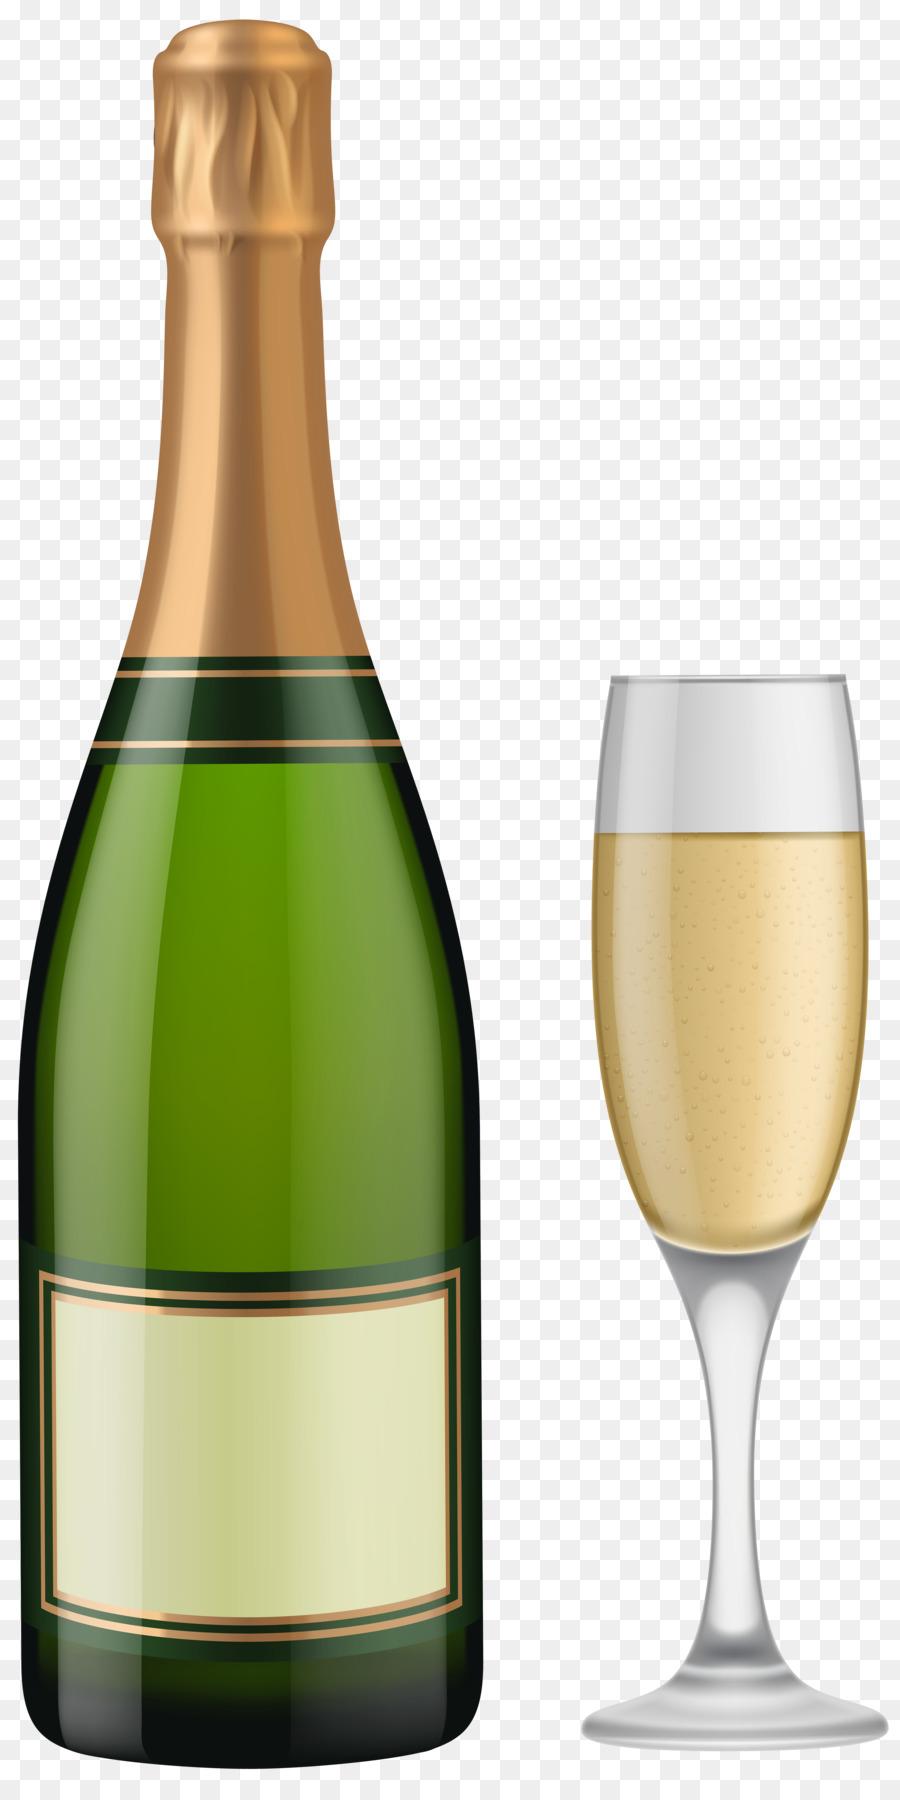 Открытку любимому, открытка бутылка шампанского